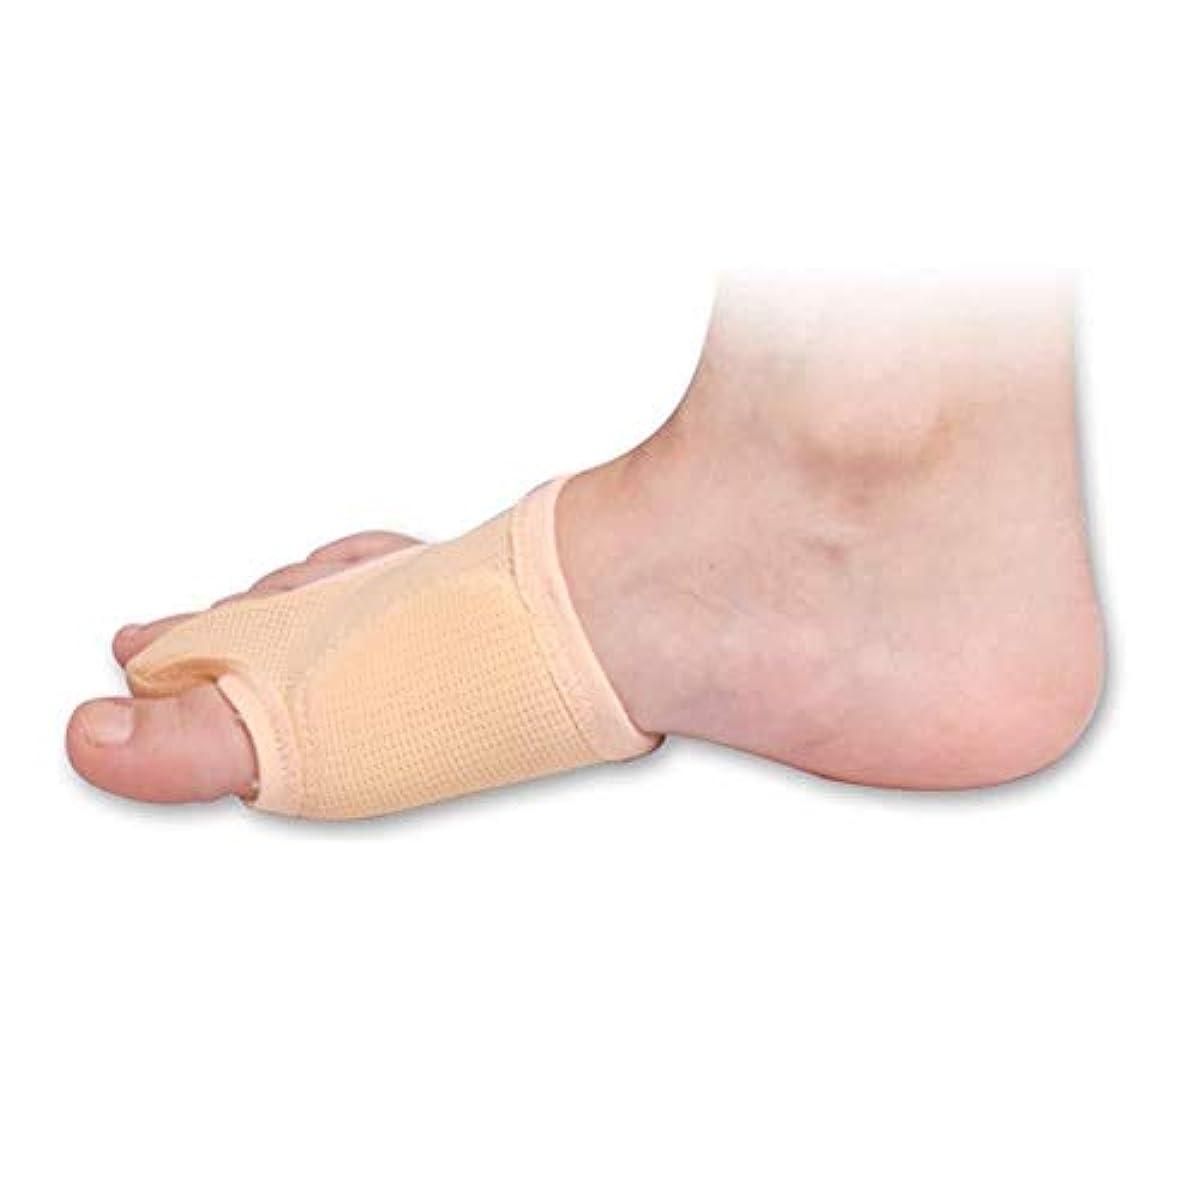 狂う音楽家拾う外反母ortho装具、外反母separatorセパレーターつま先セパレーター超ソフトで快適なハンマーヘッドの痛み,Right Foot-S